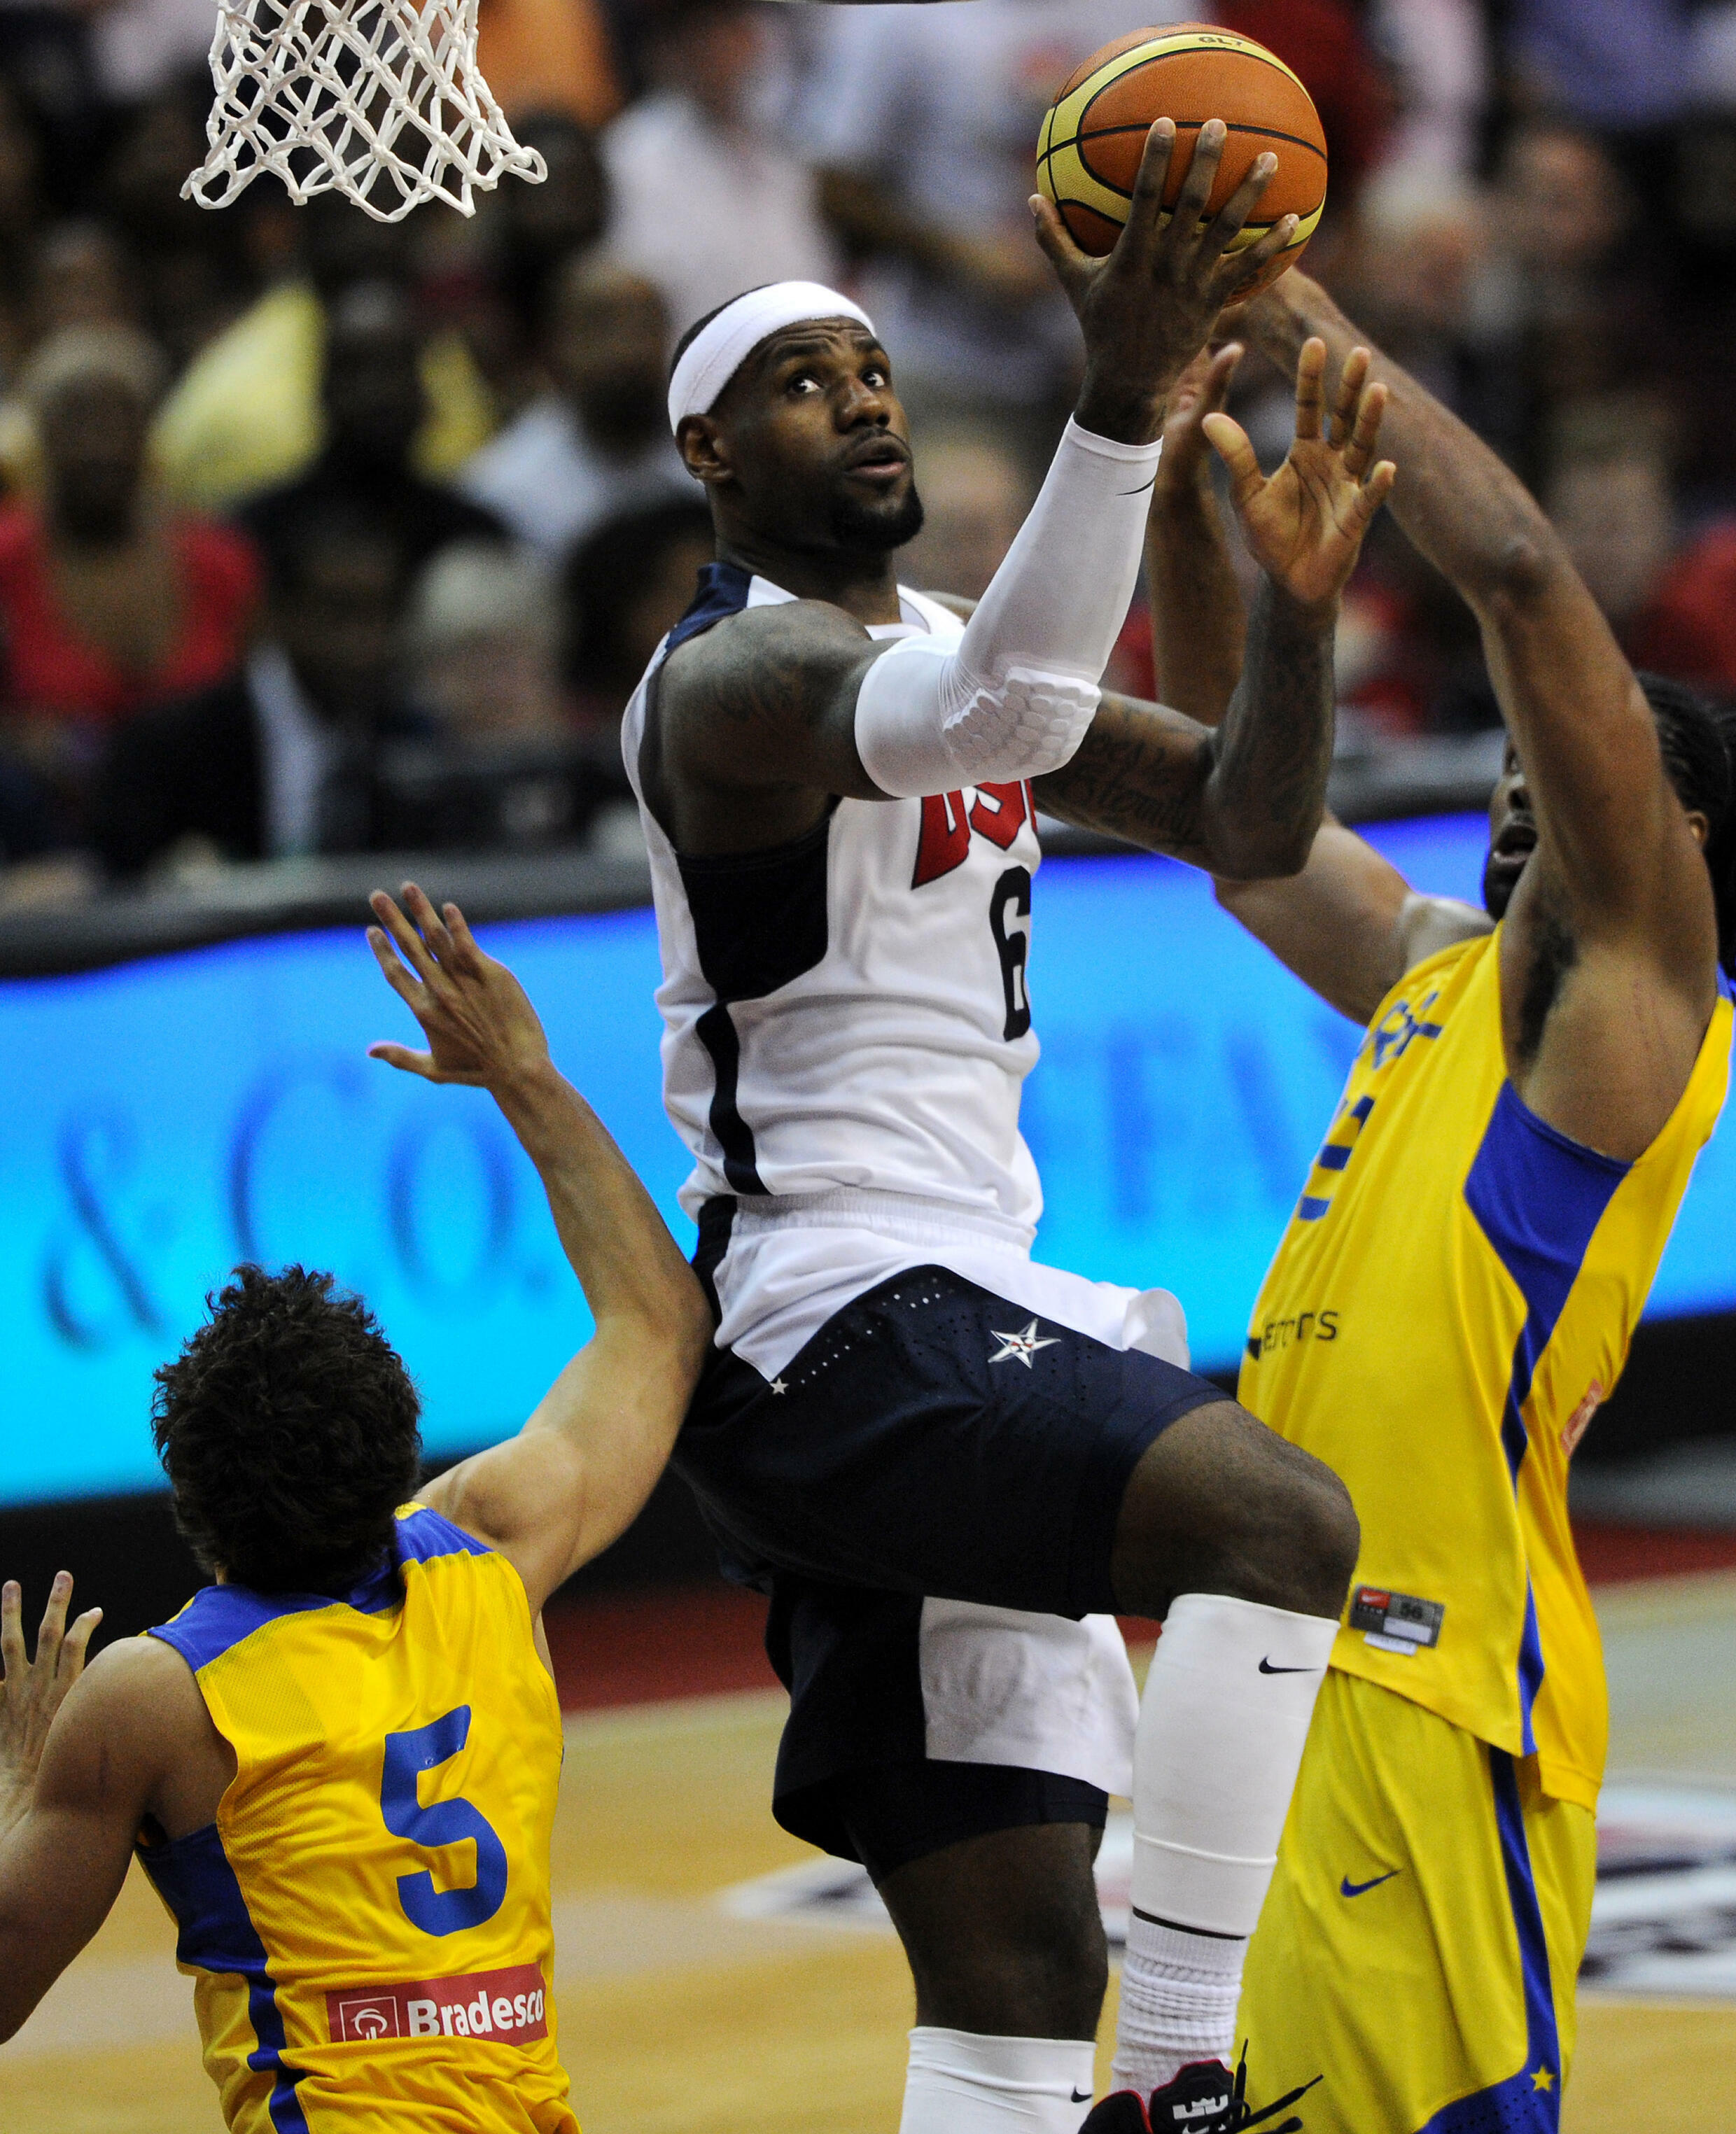 O superastro da NBA, LeBron James, tem o seguinte no Brasil - aqui, ele joga uma exibição pela seleção dos EUA contra o Brasil em 2012 em Washington